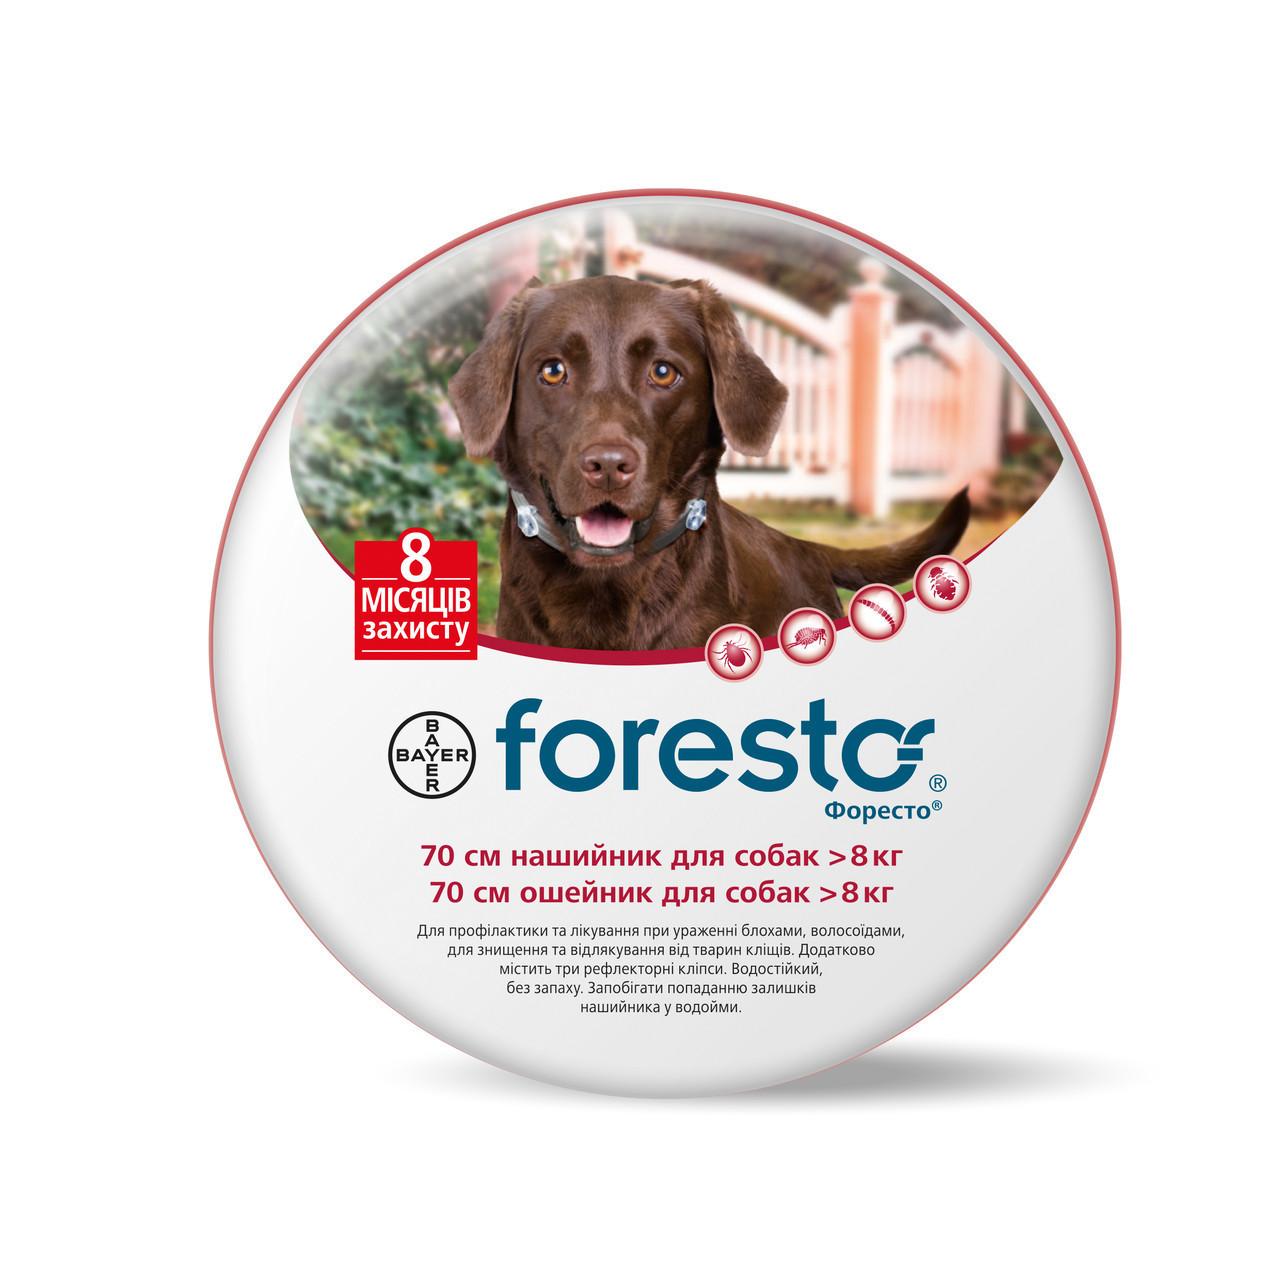 Ошейник Bayer Foresto (Форесто) блох и клещей для собак, 70 см